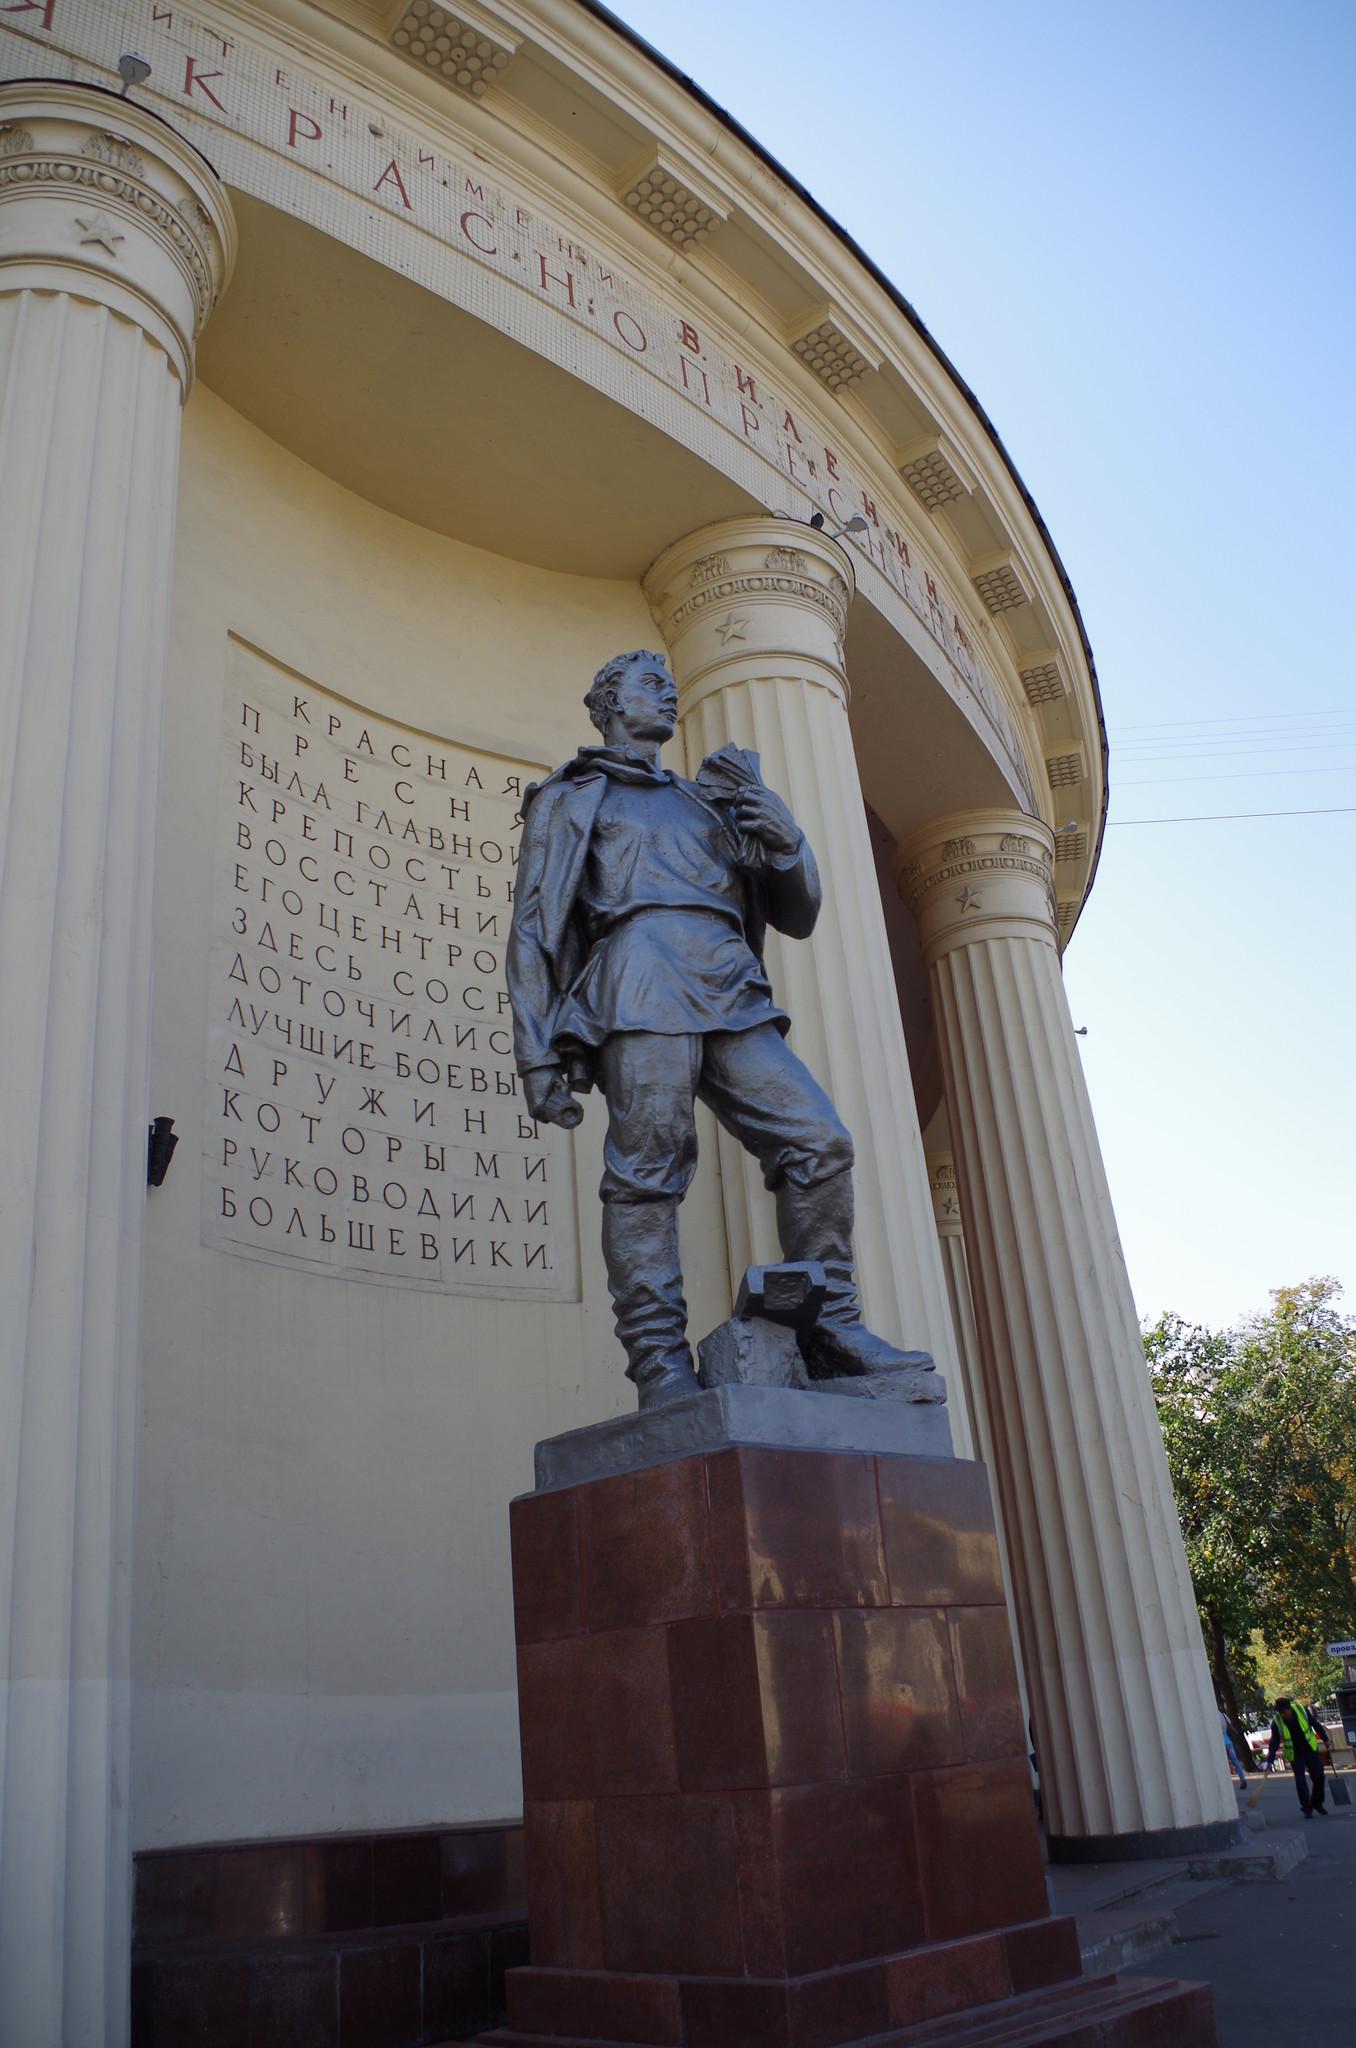 Станция «Краснопресненская» Кольцевой линии Московского метрополитена